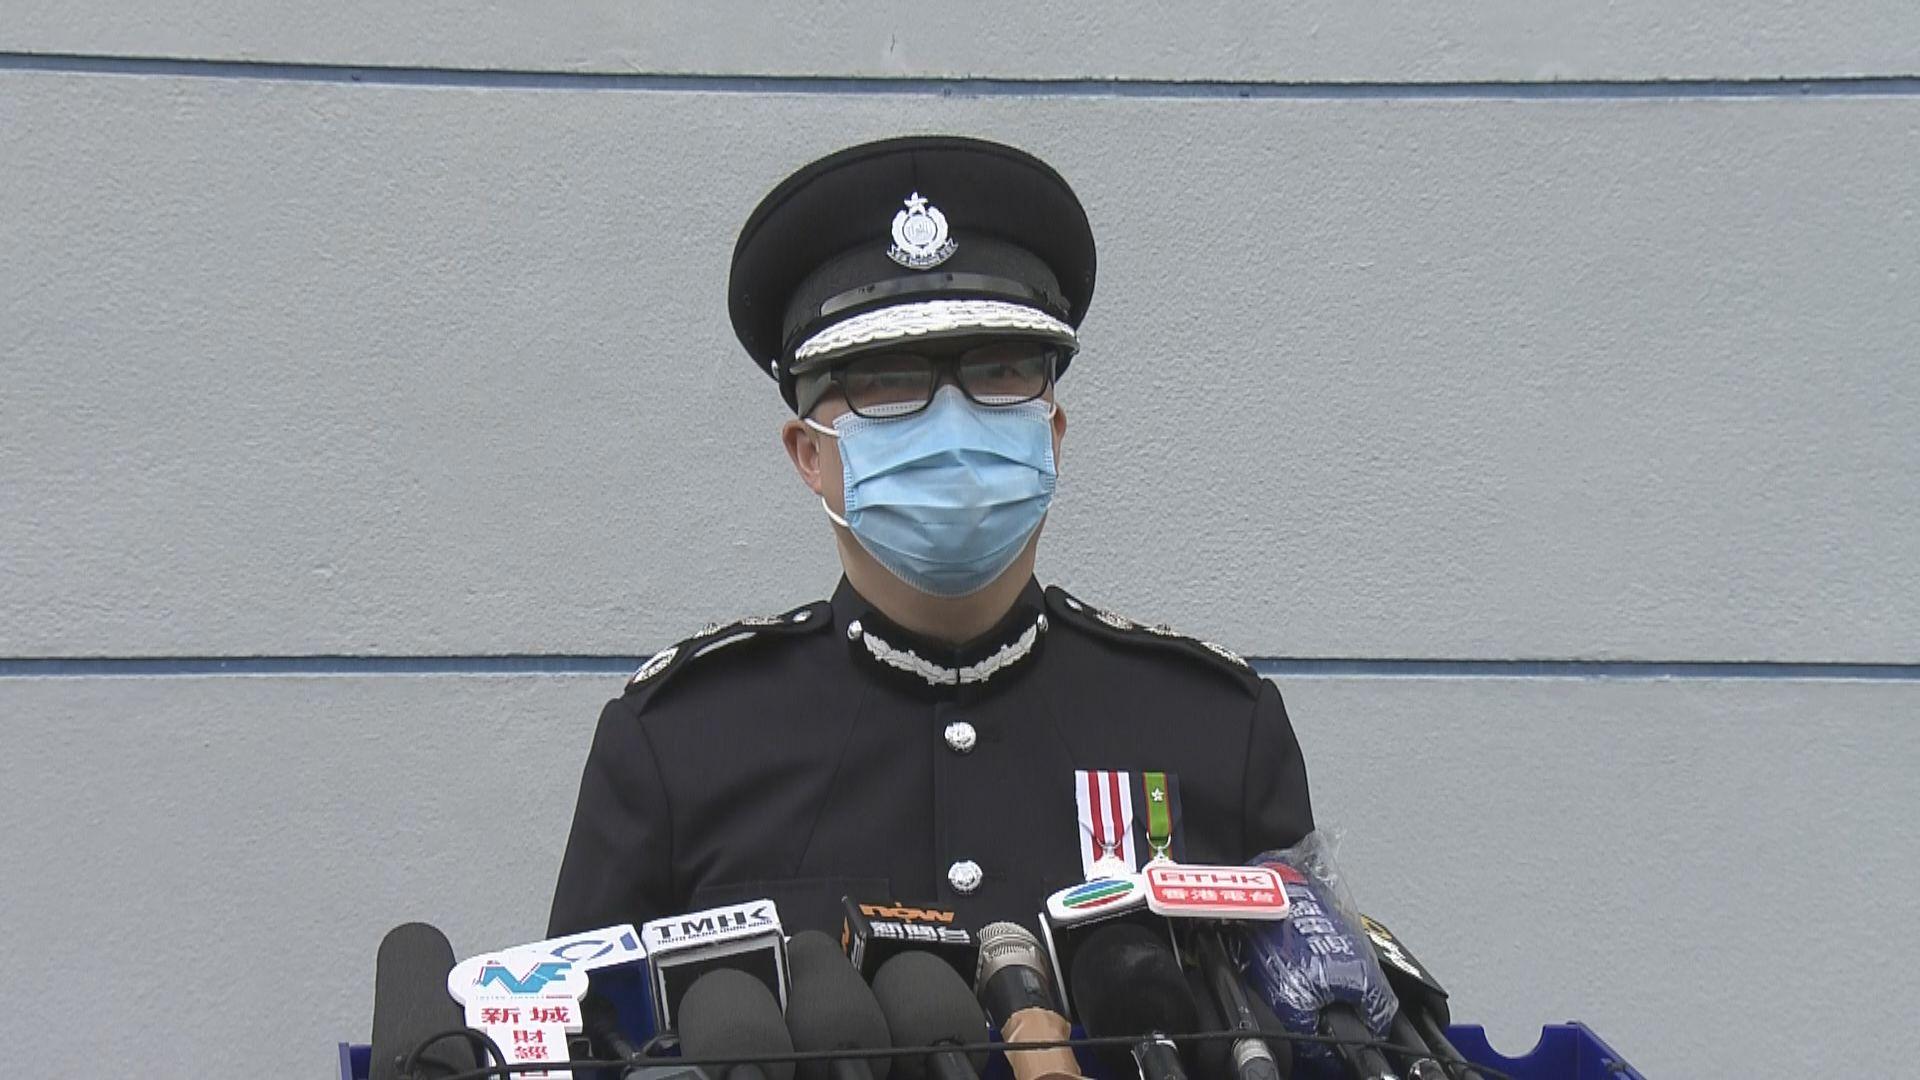 鄧炳強將就警方展示編號裁決上訴 暫時停用行動呼號